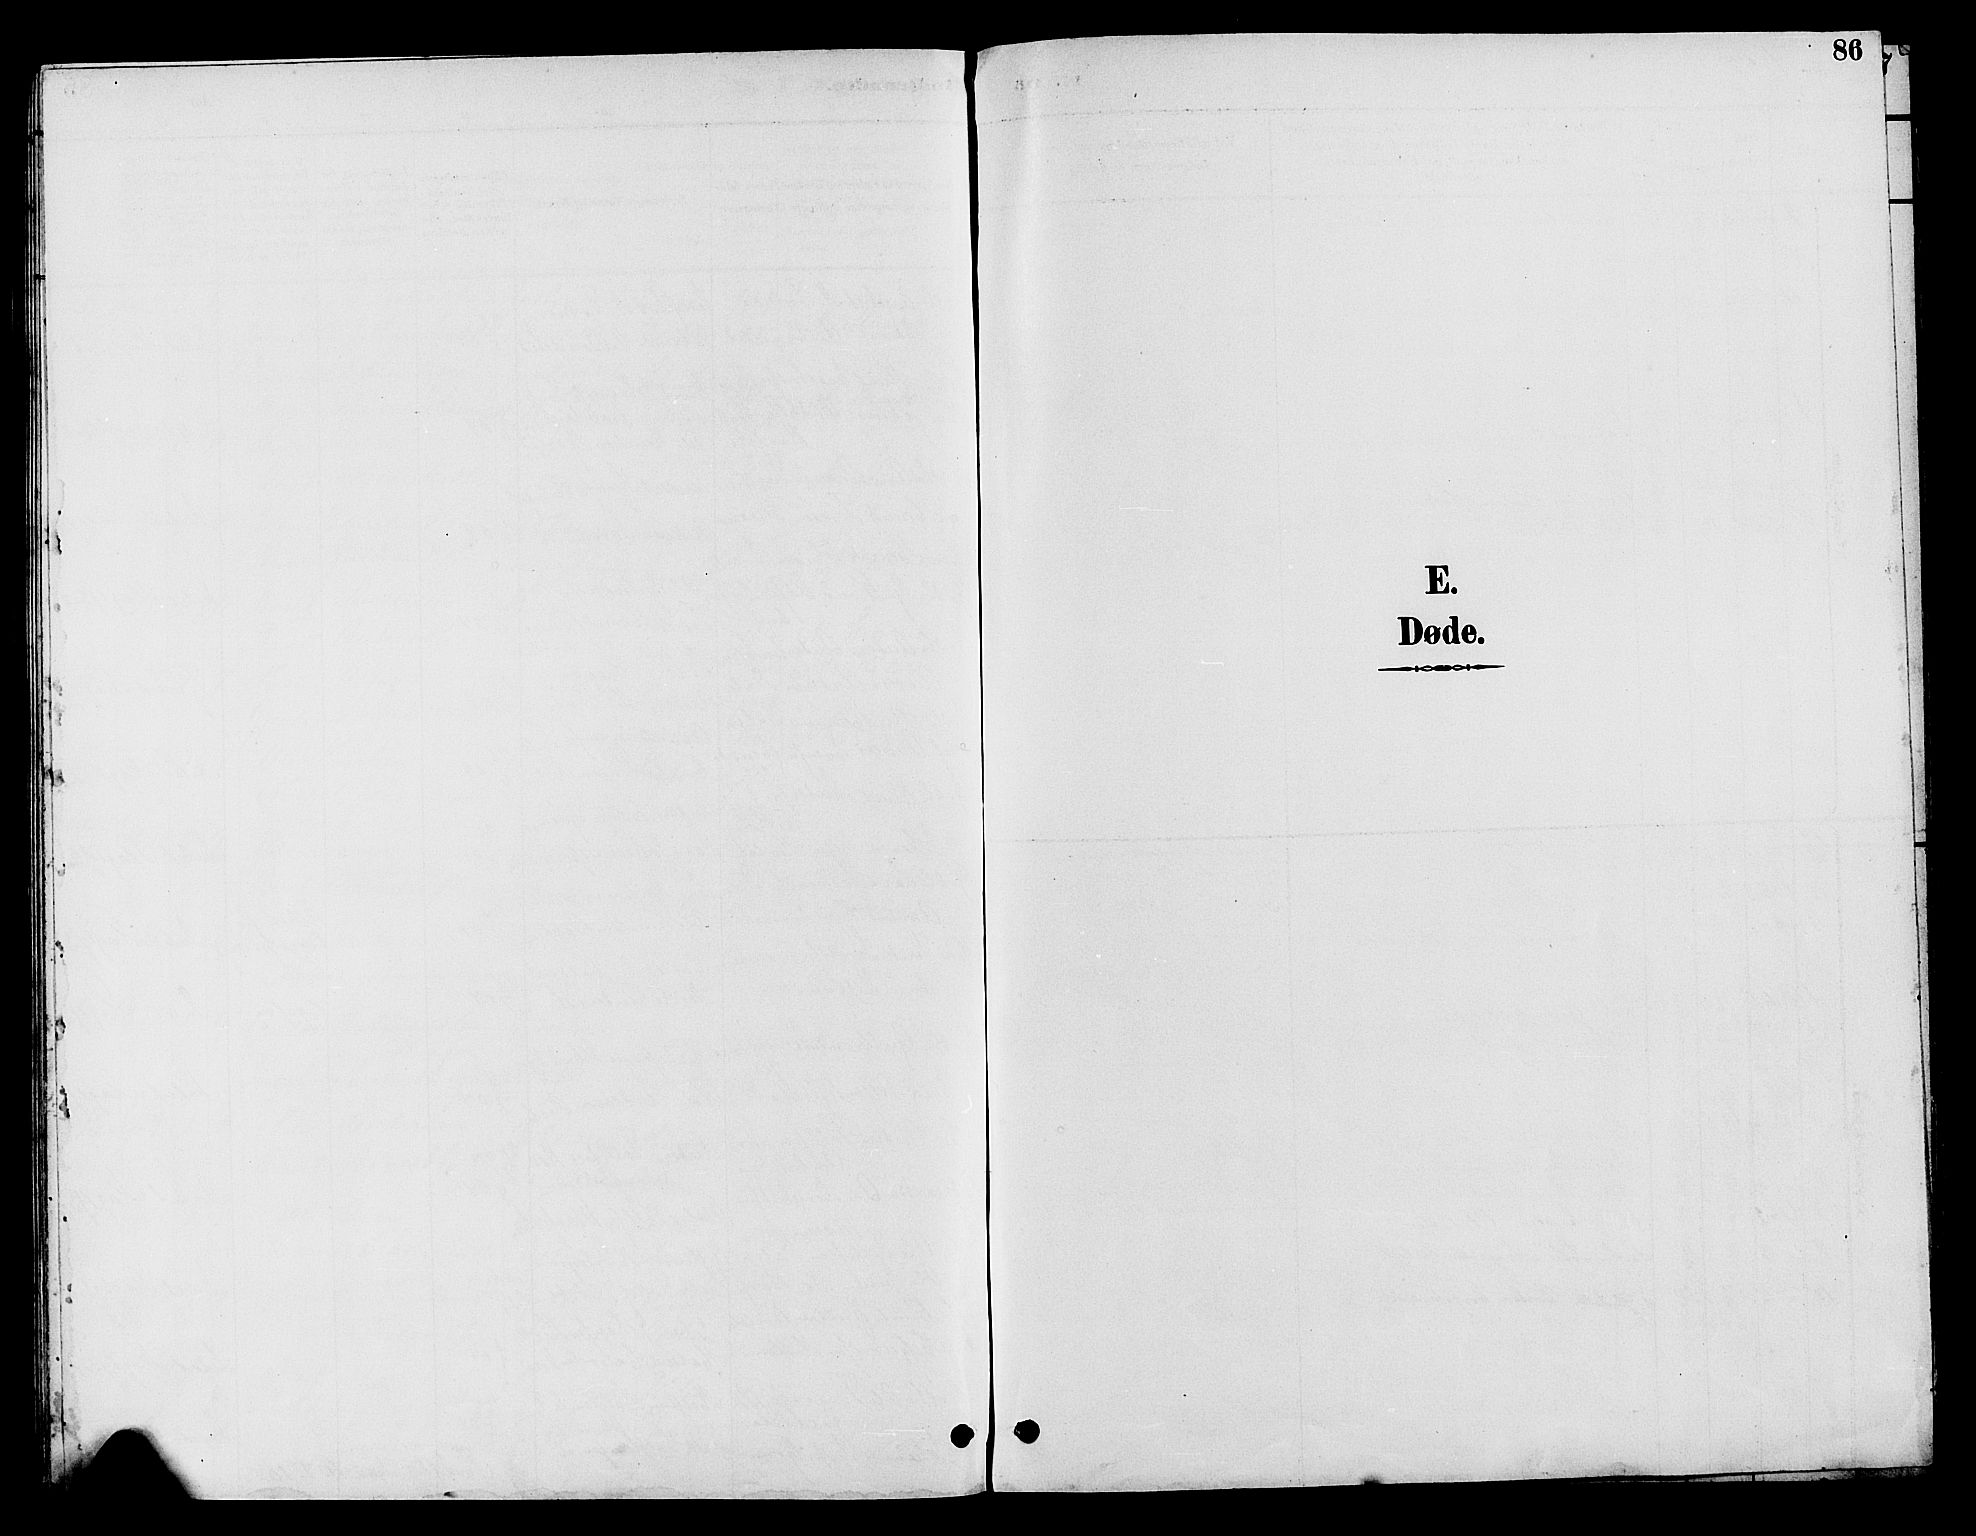 SAH, Nord-Aurdal prestekontor, Klokkerbok nr. 10, 1892-1907, s. 86